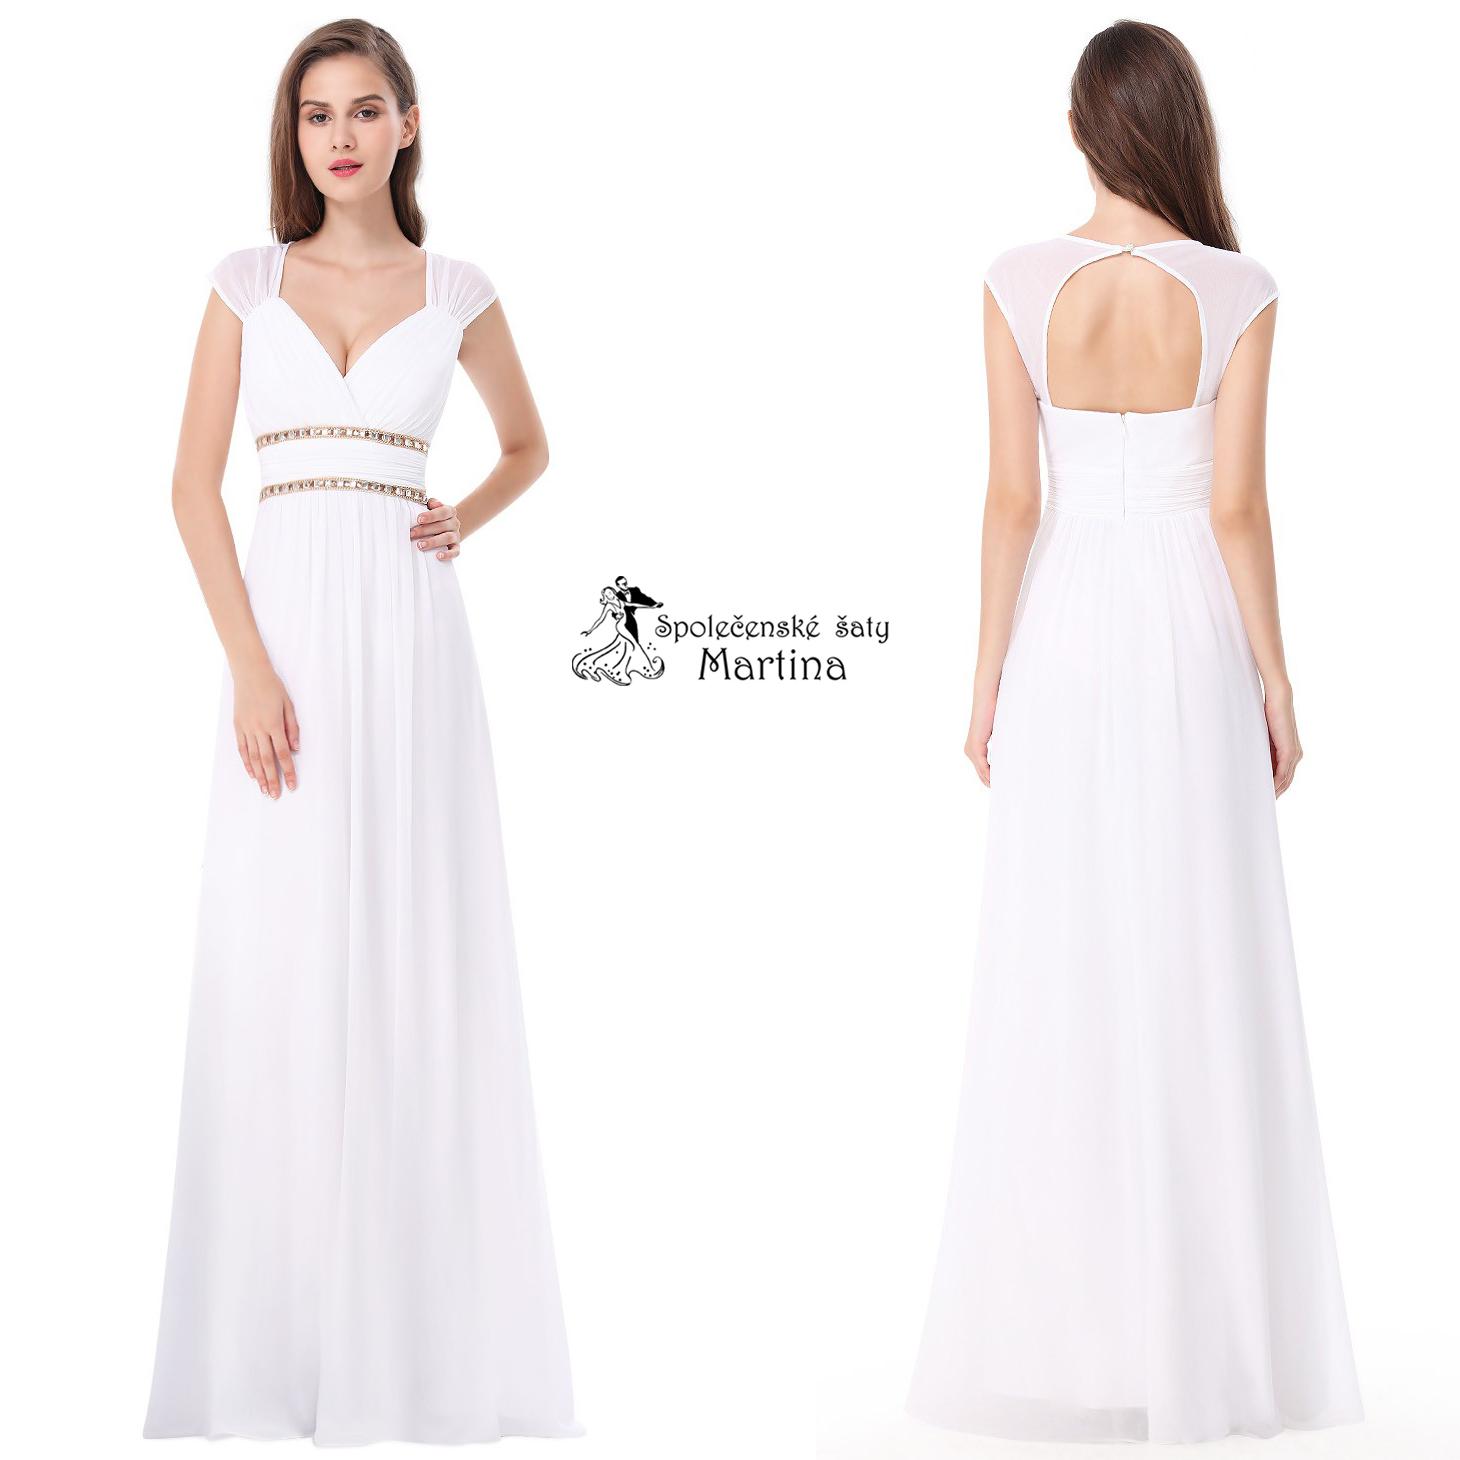 3cce7e35d6d9 Bílé šaty antického střihu